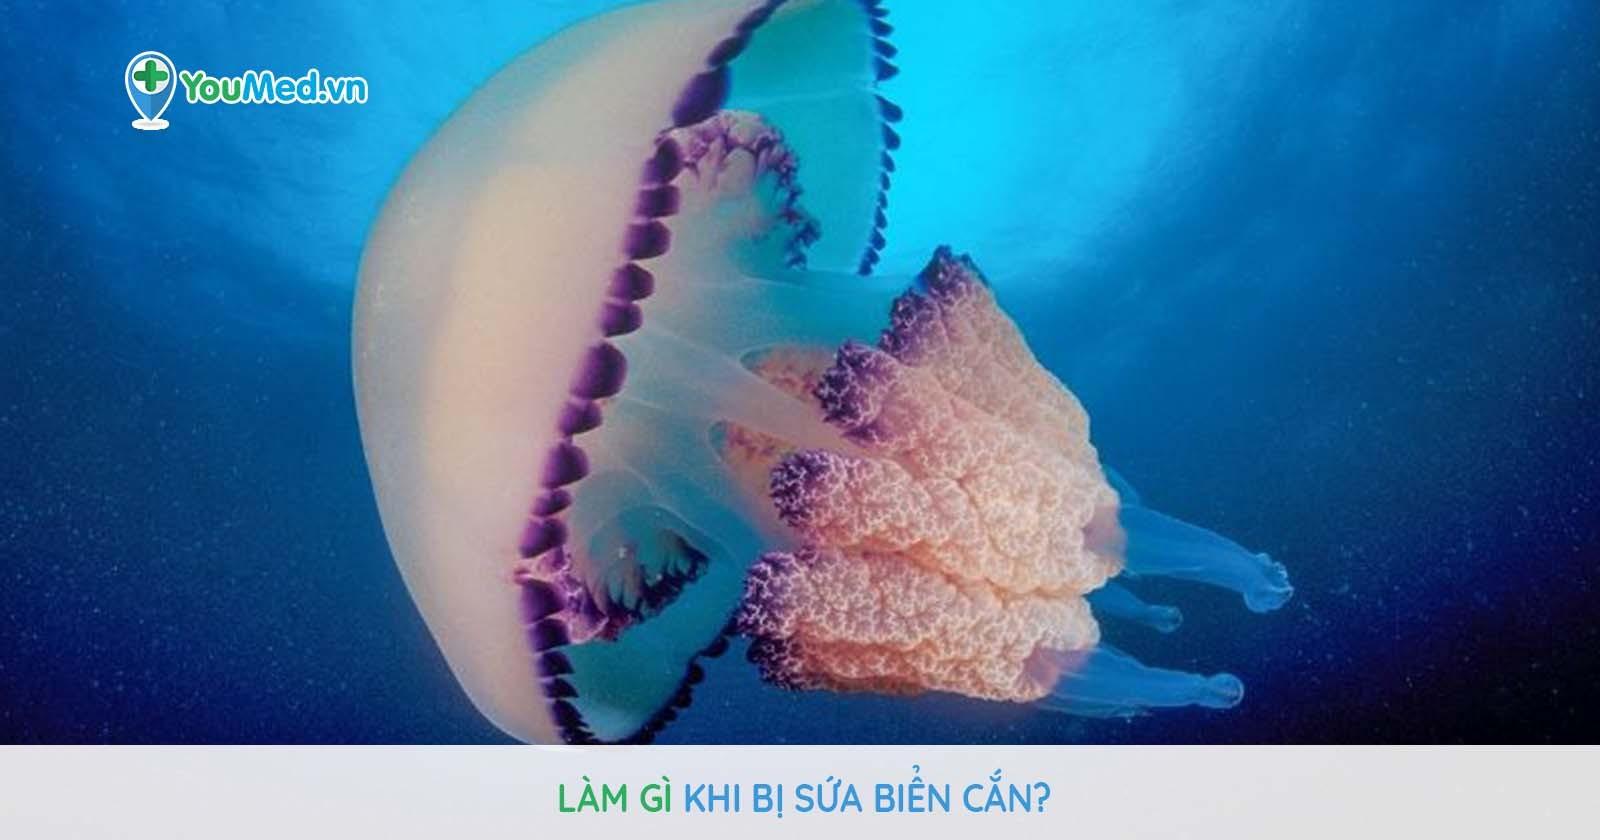 Bị sứa cắn, xử trí sao cho đúng?